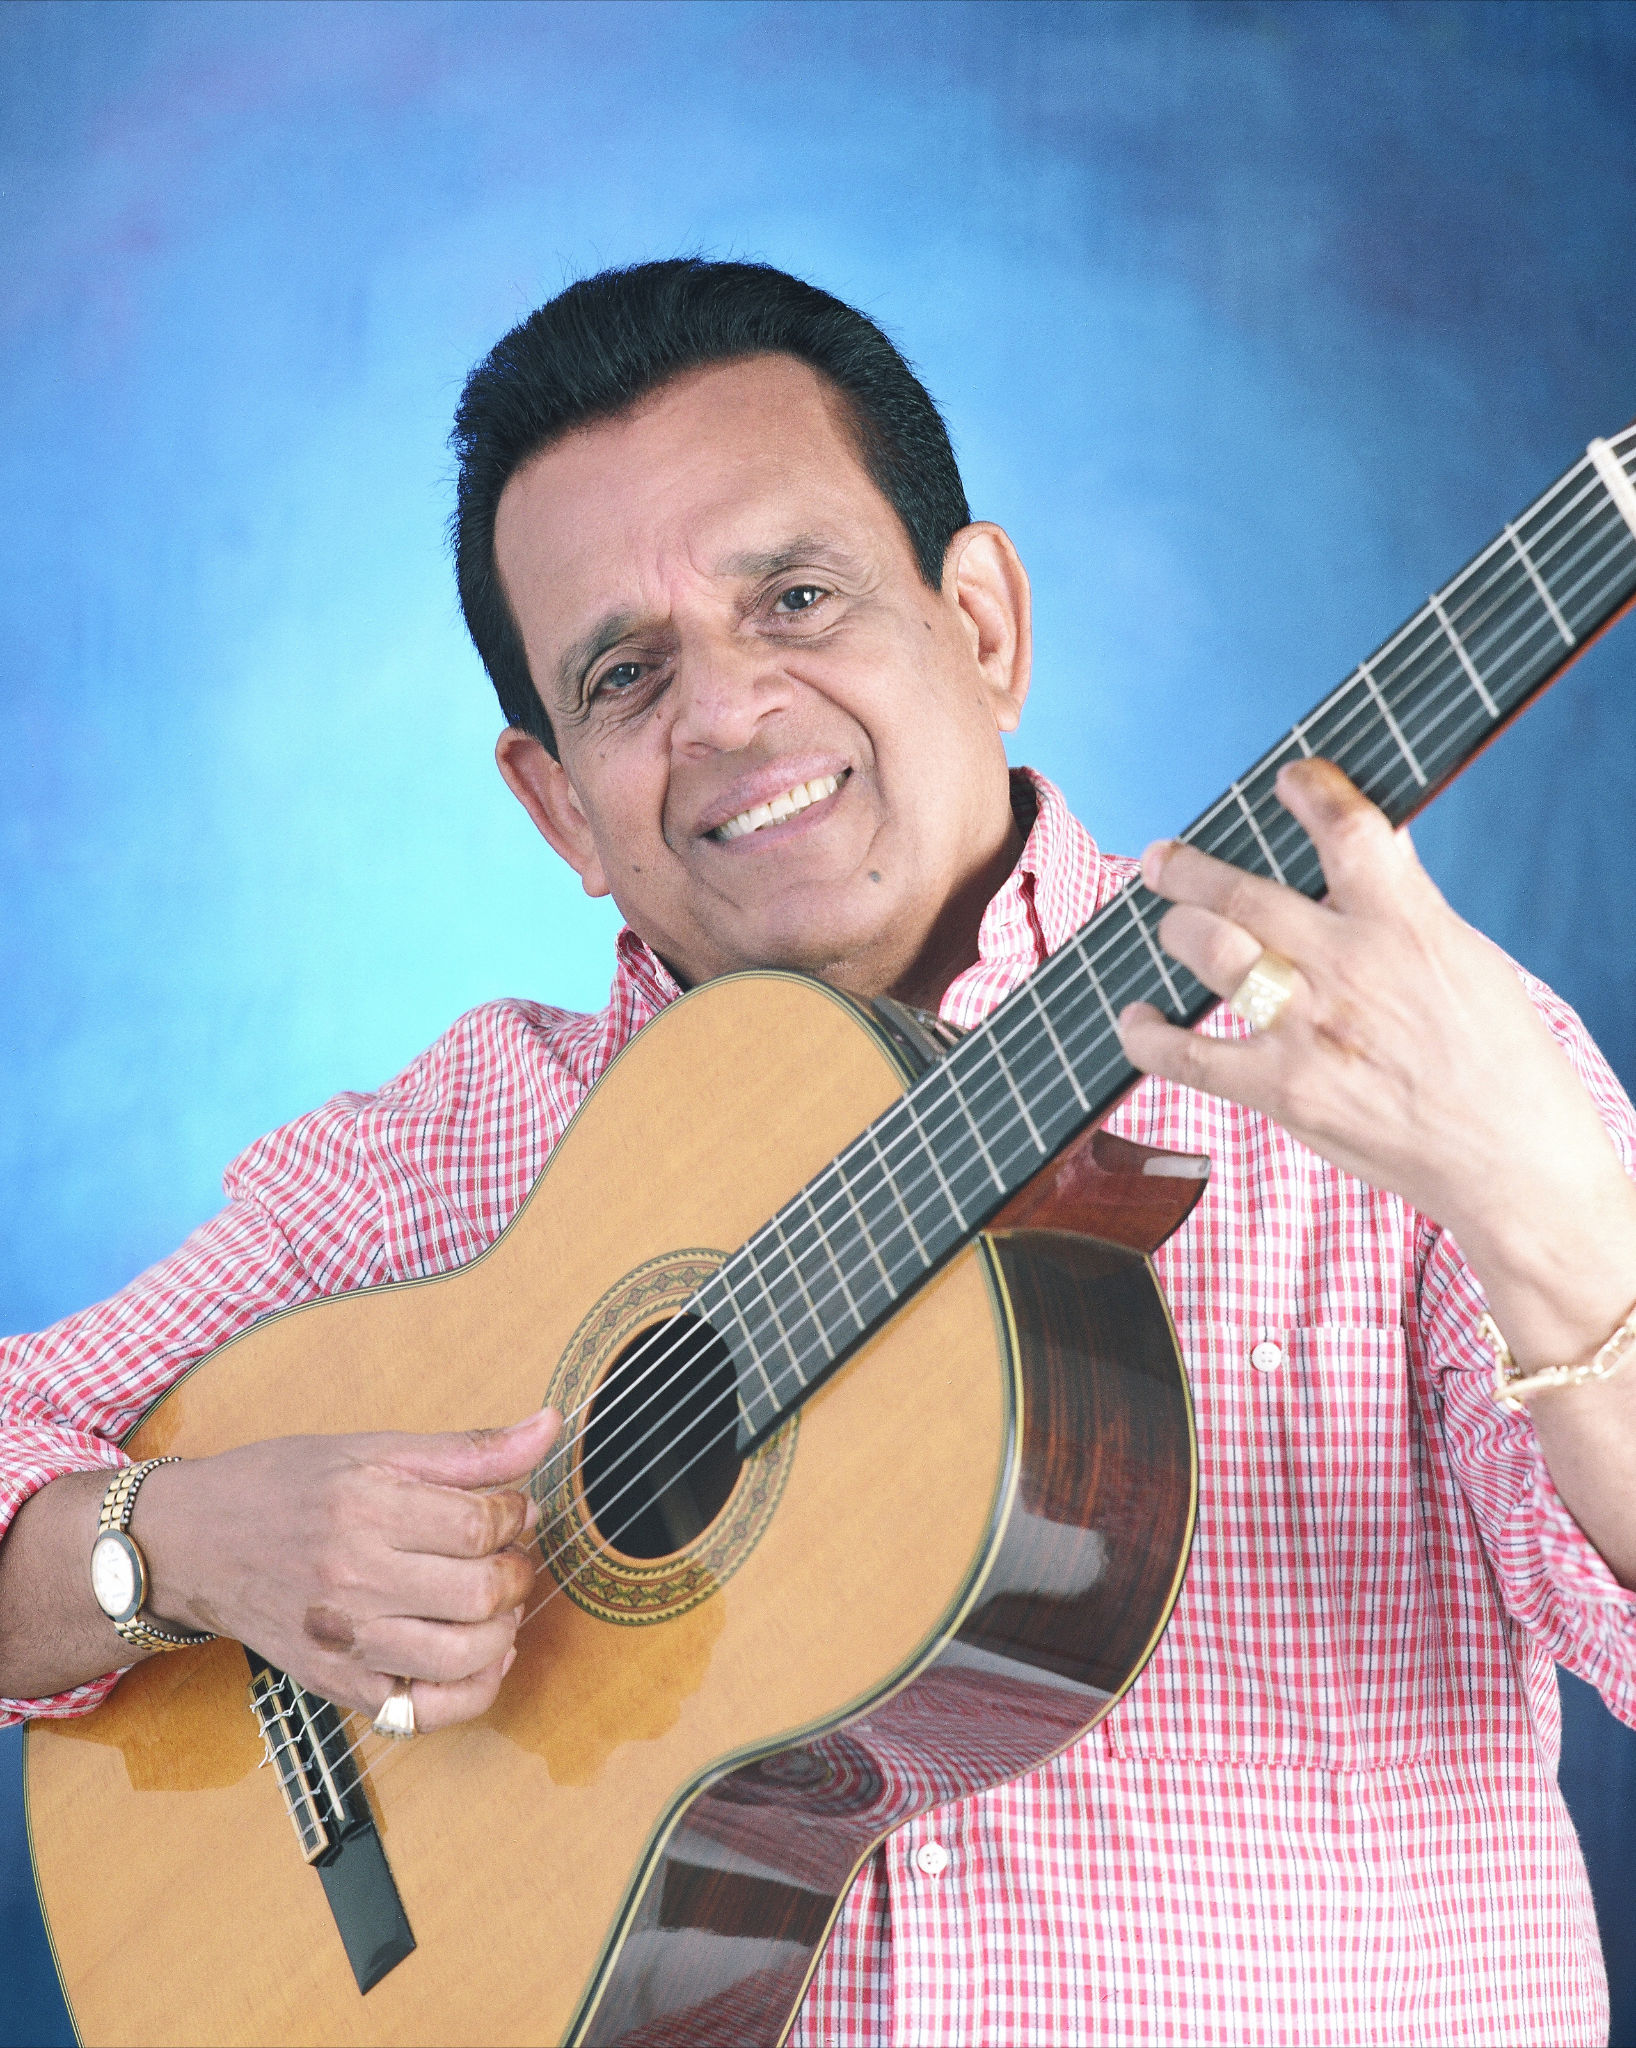 Evaldo Gouveia comemora 60 anos de carreira em show no BNB Clube